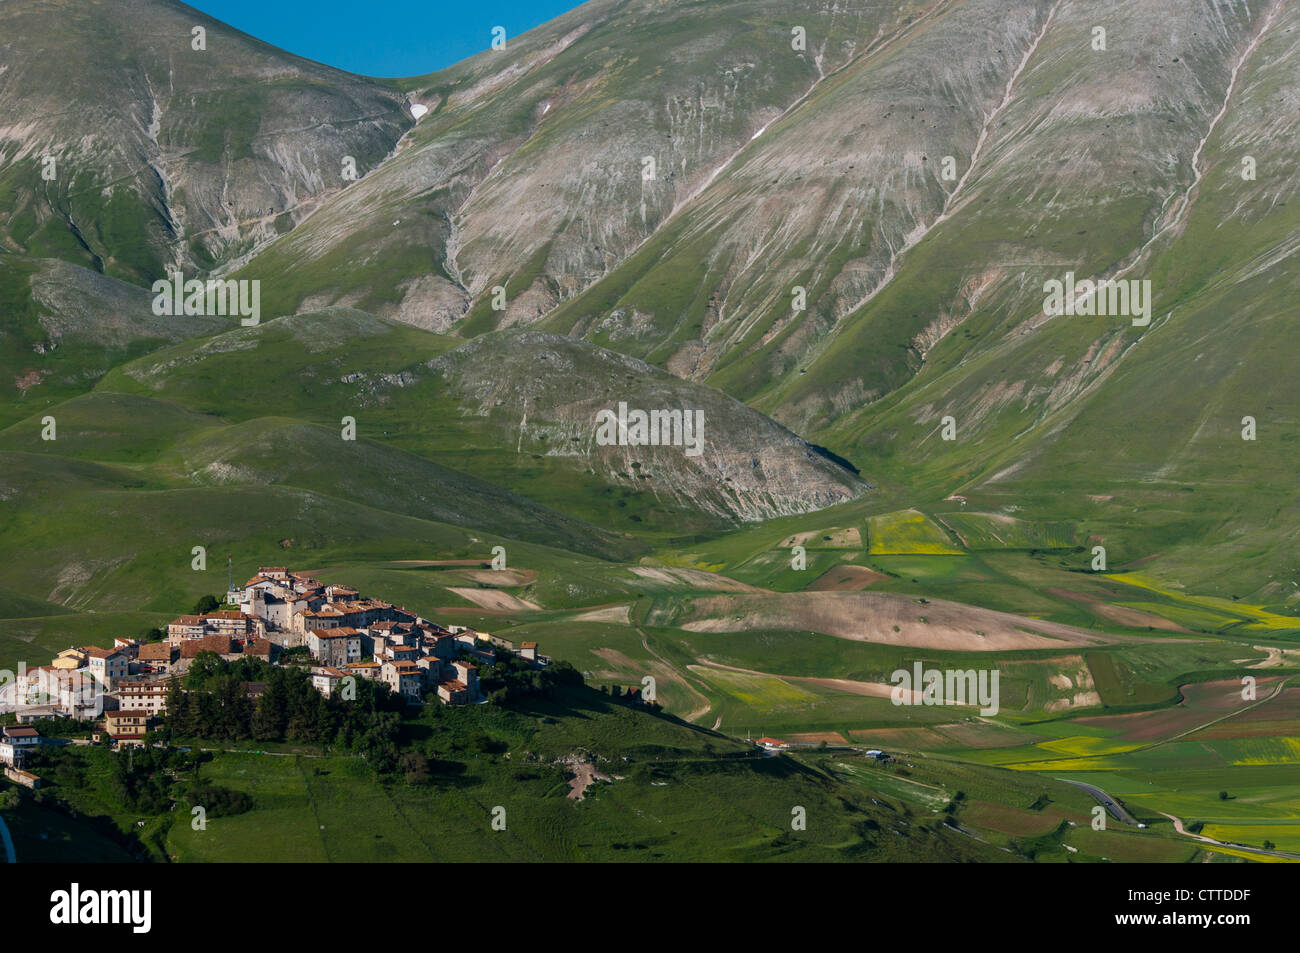 View of Castellucio, Umbria, Italy - Stock Image